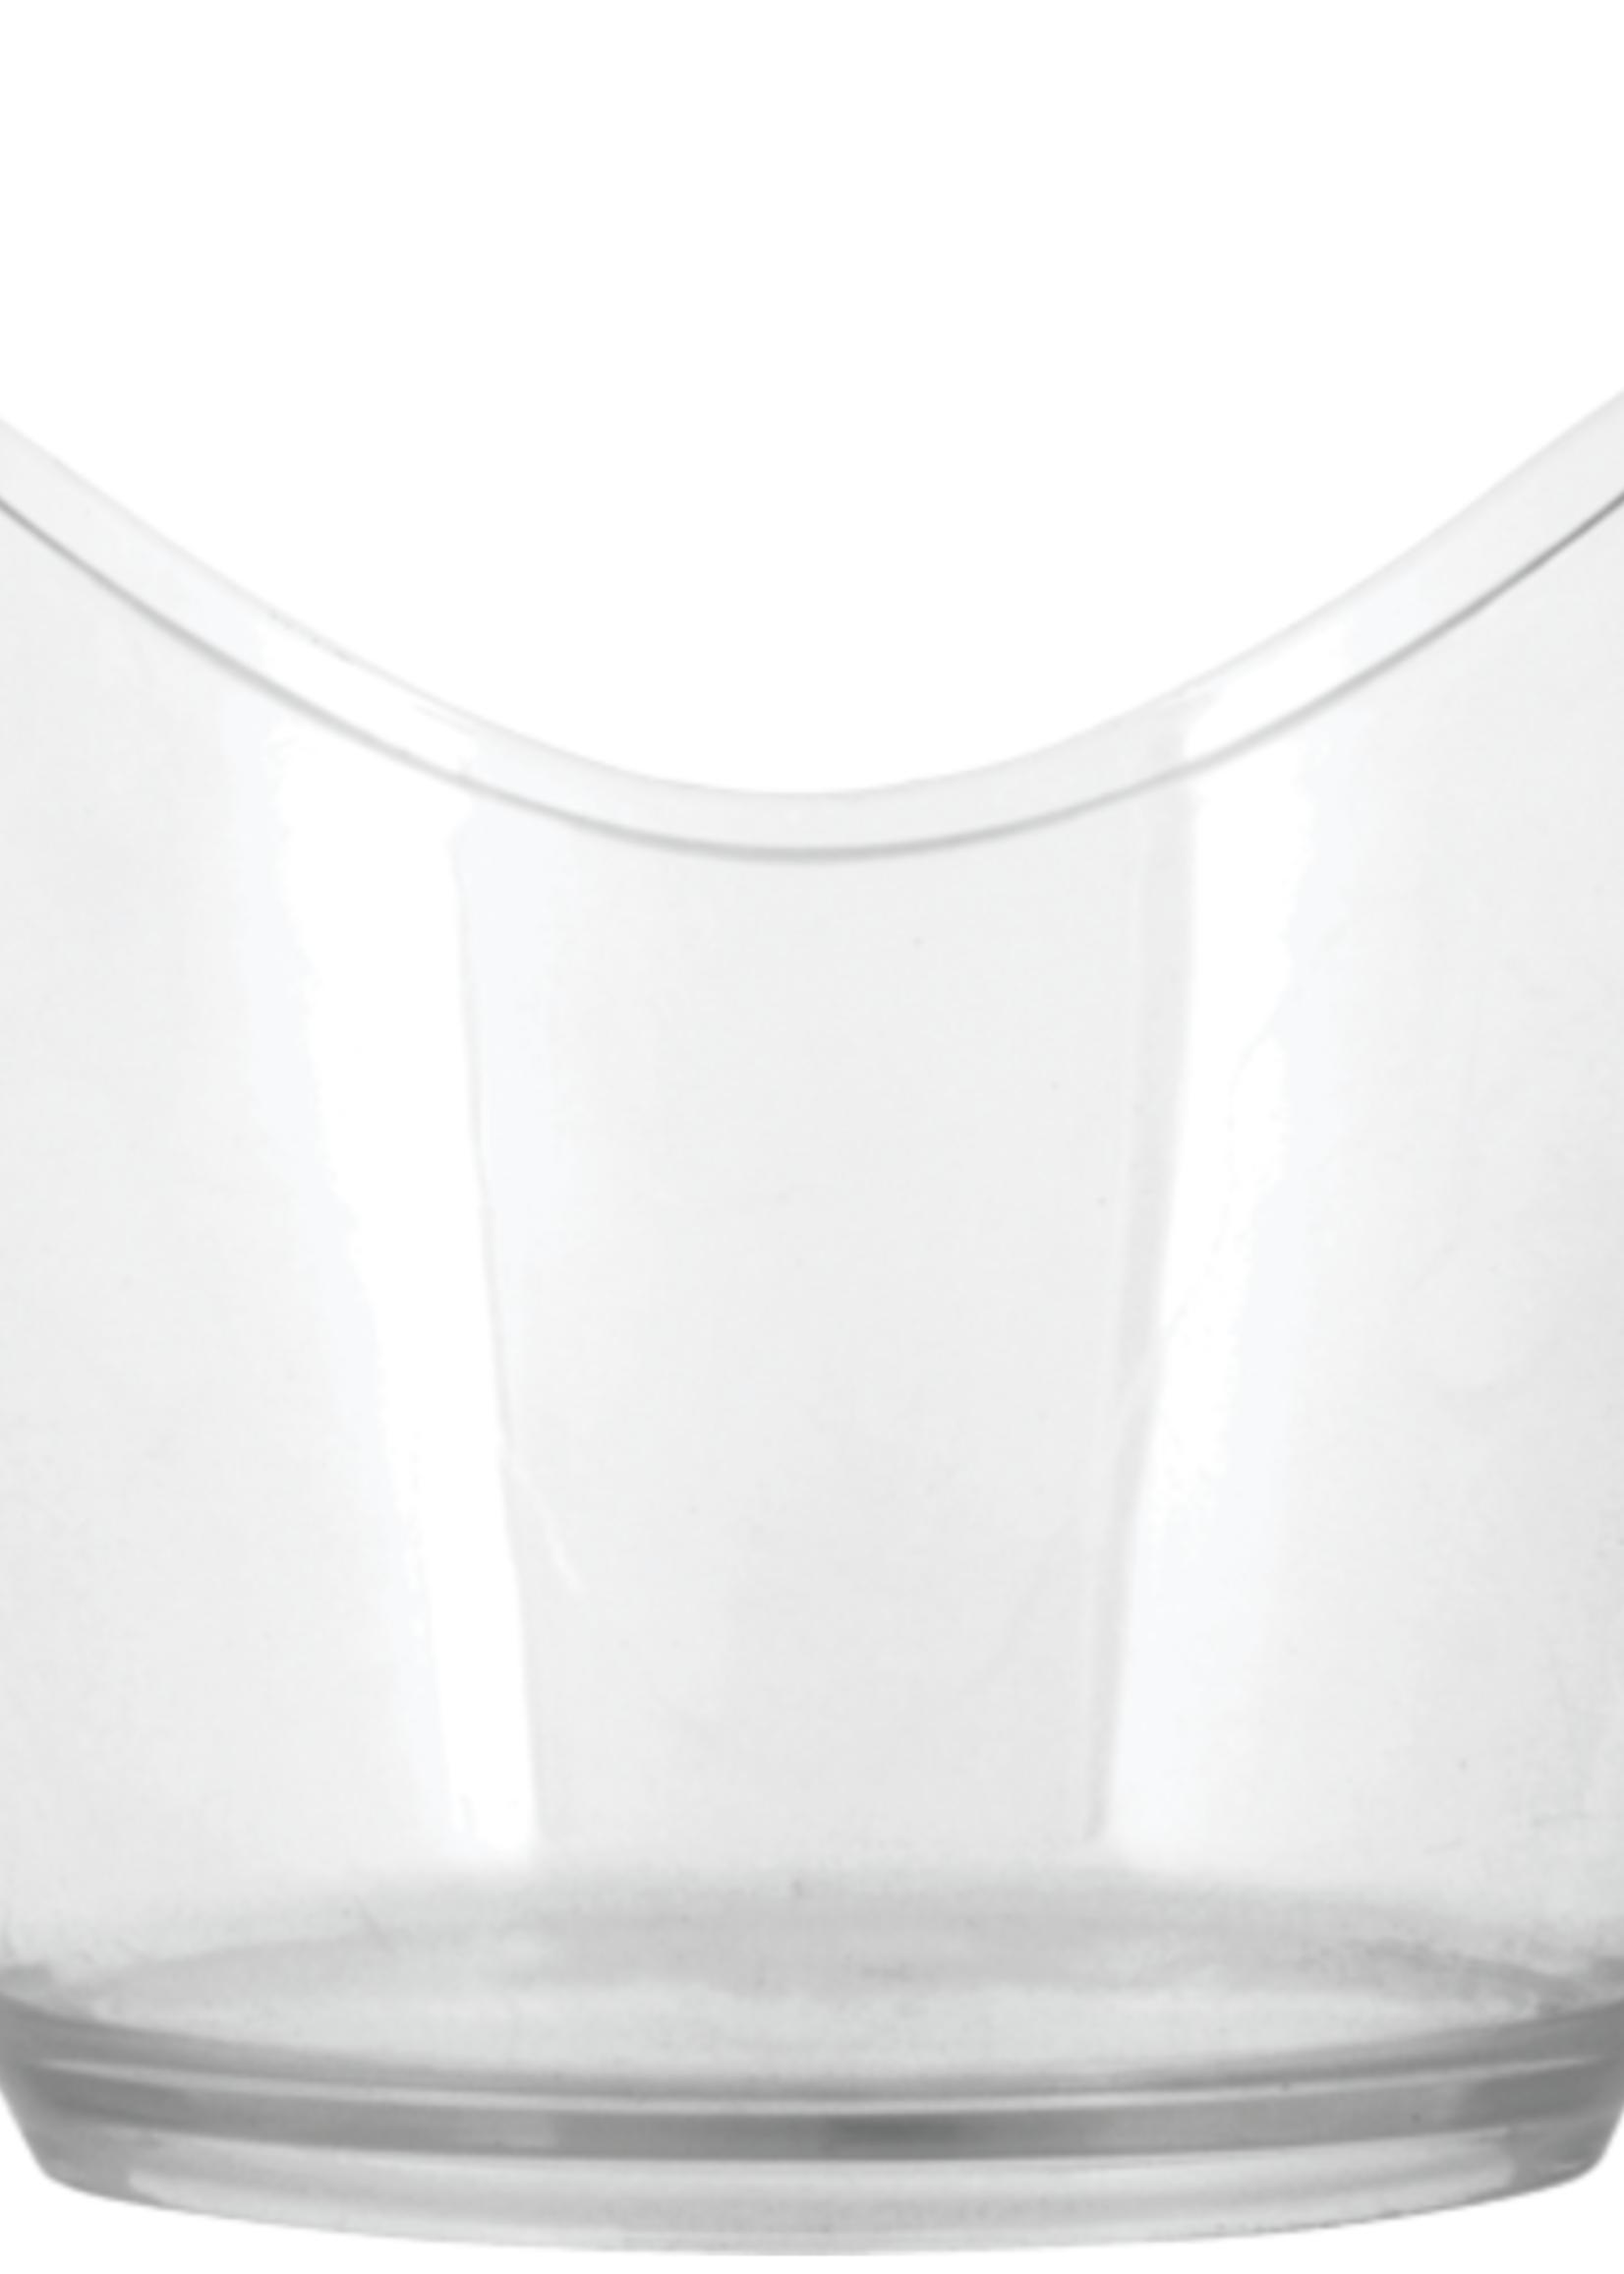 True True Chill: Modern Ice Bucket